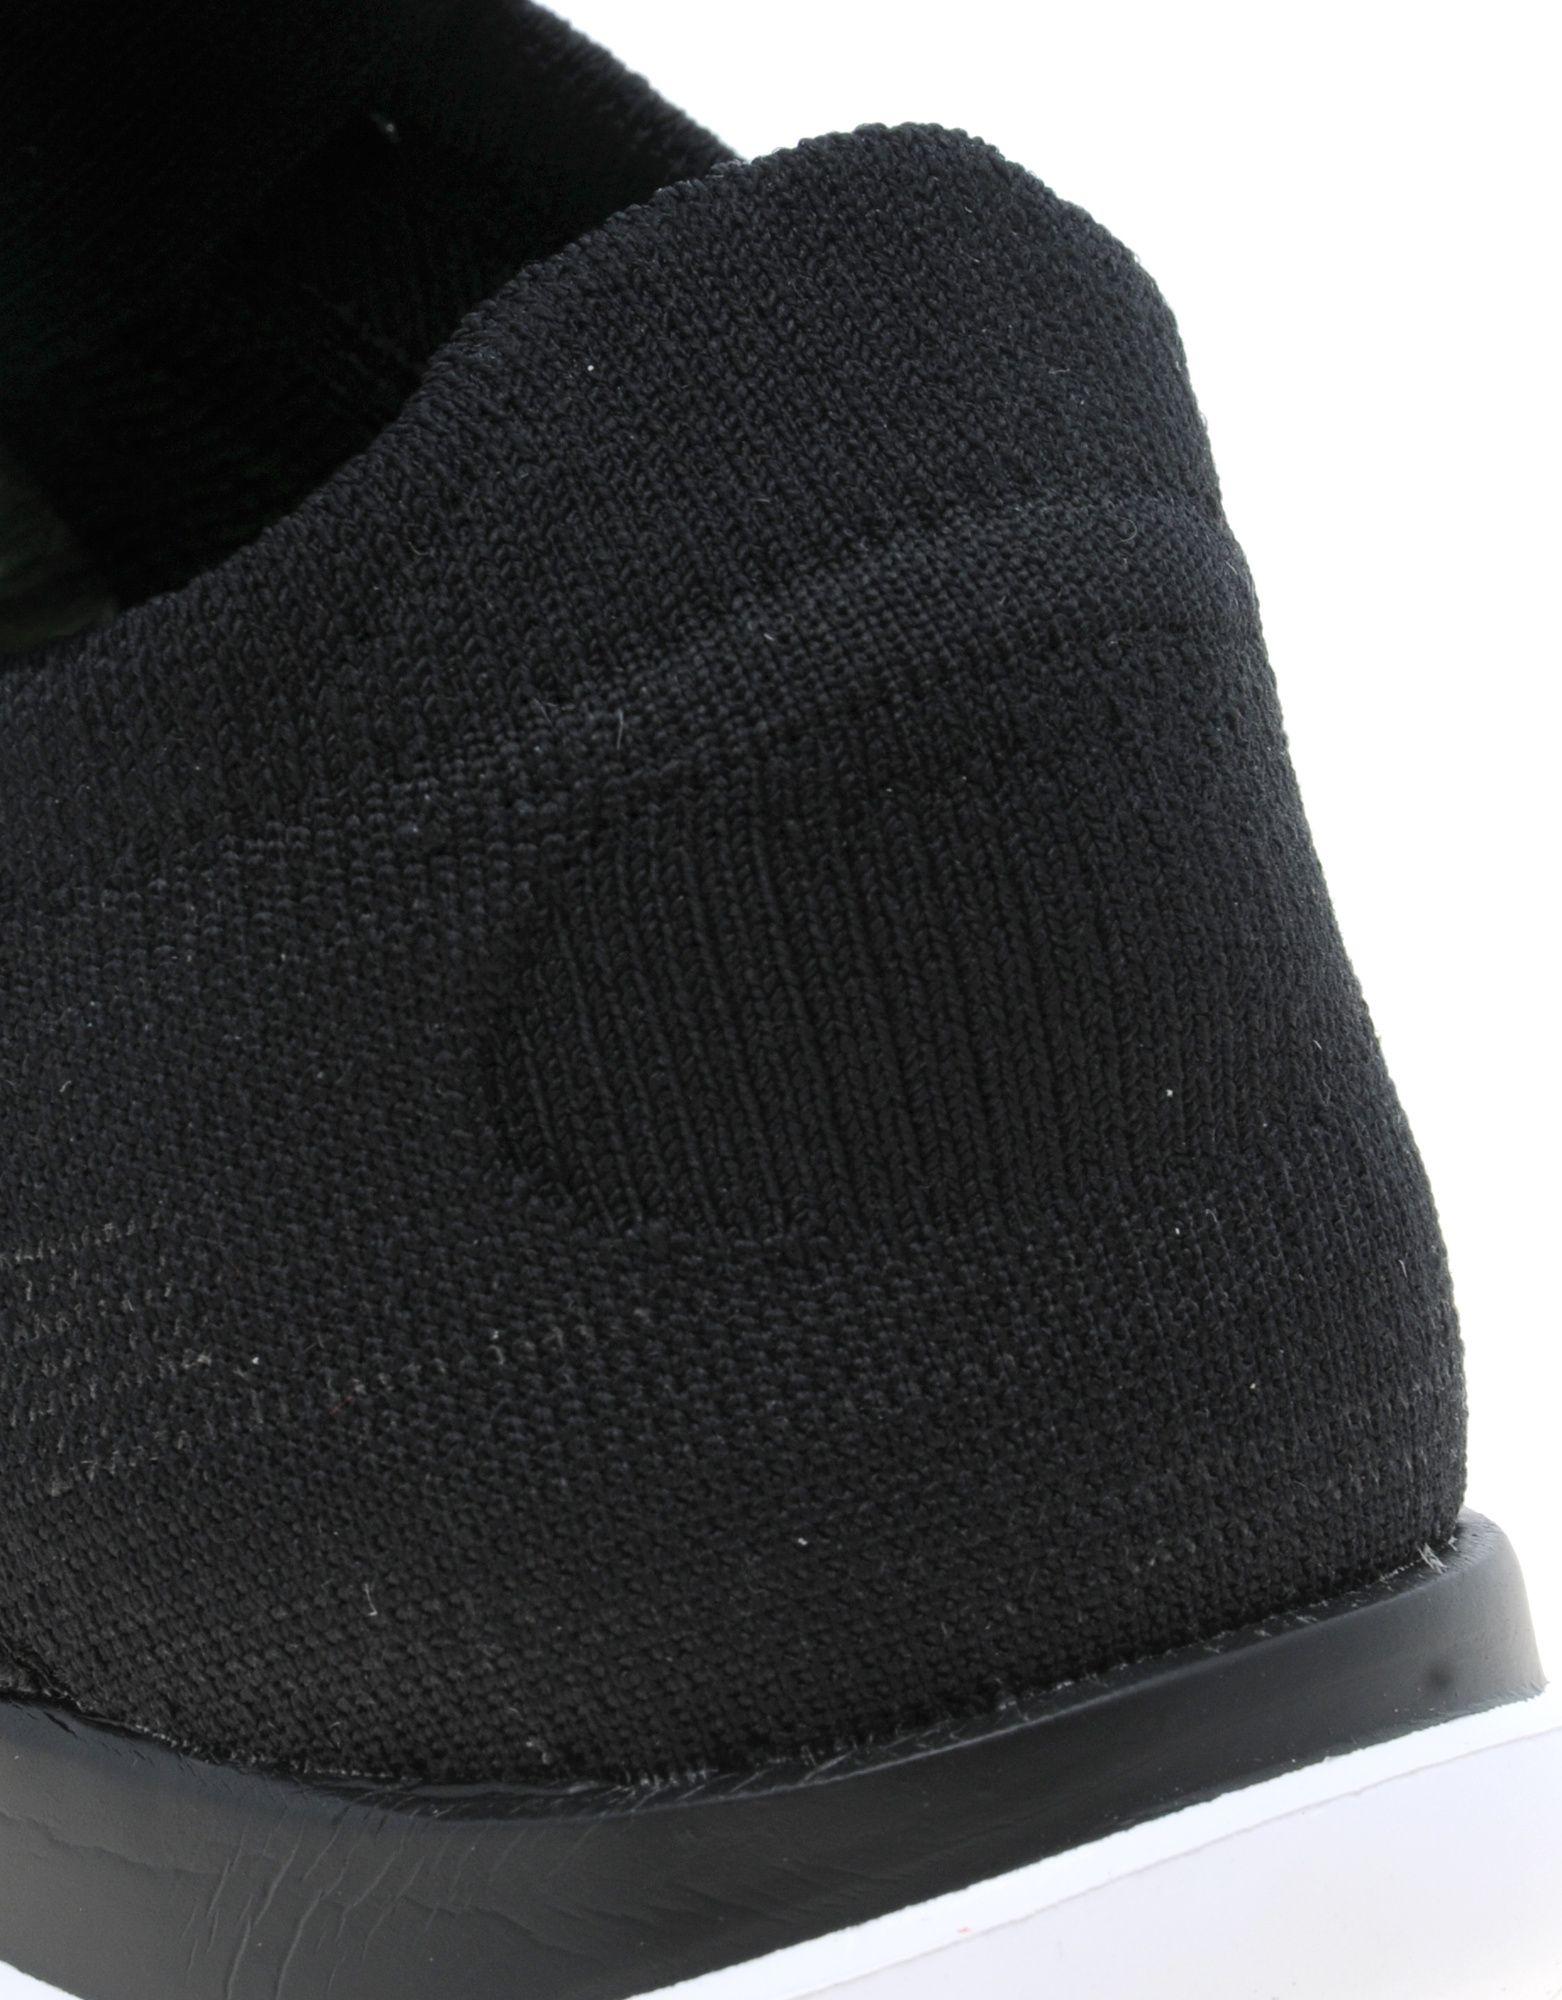 Nike Free 4.0 Flyknit